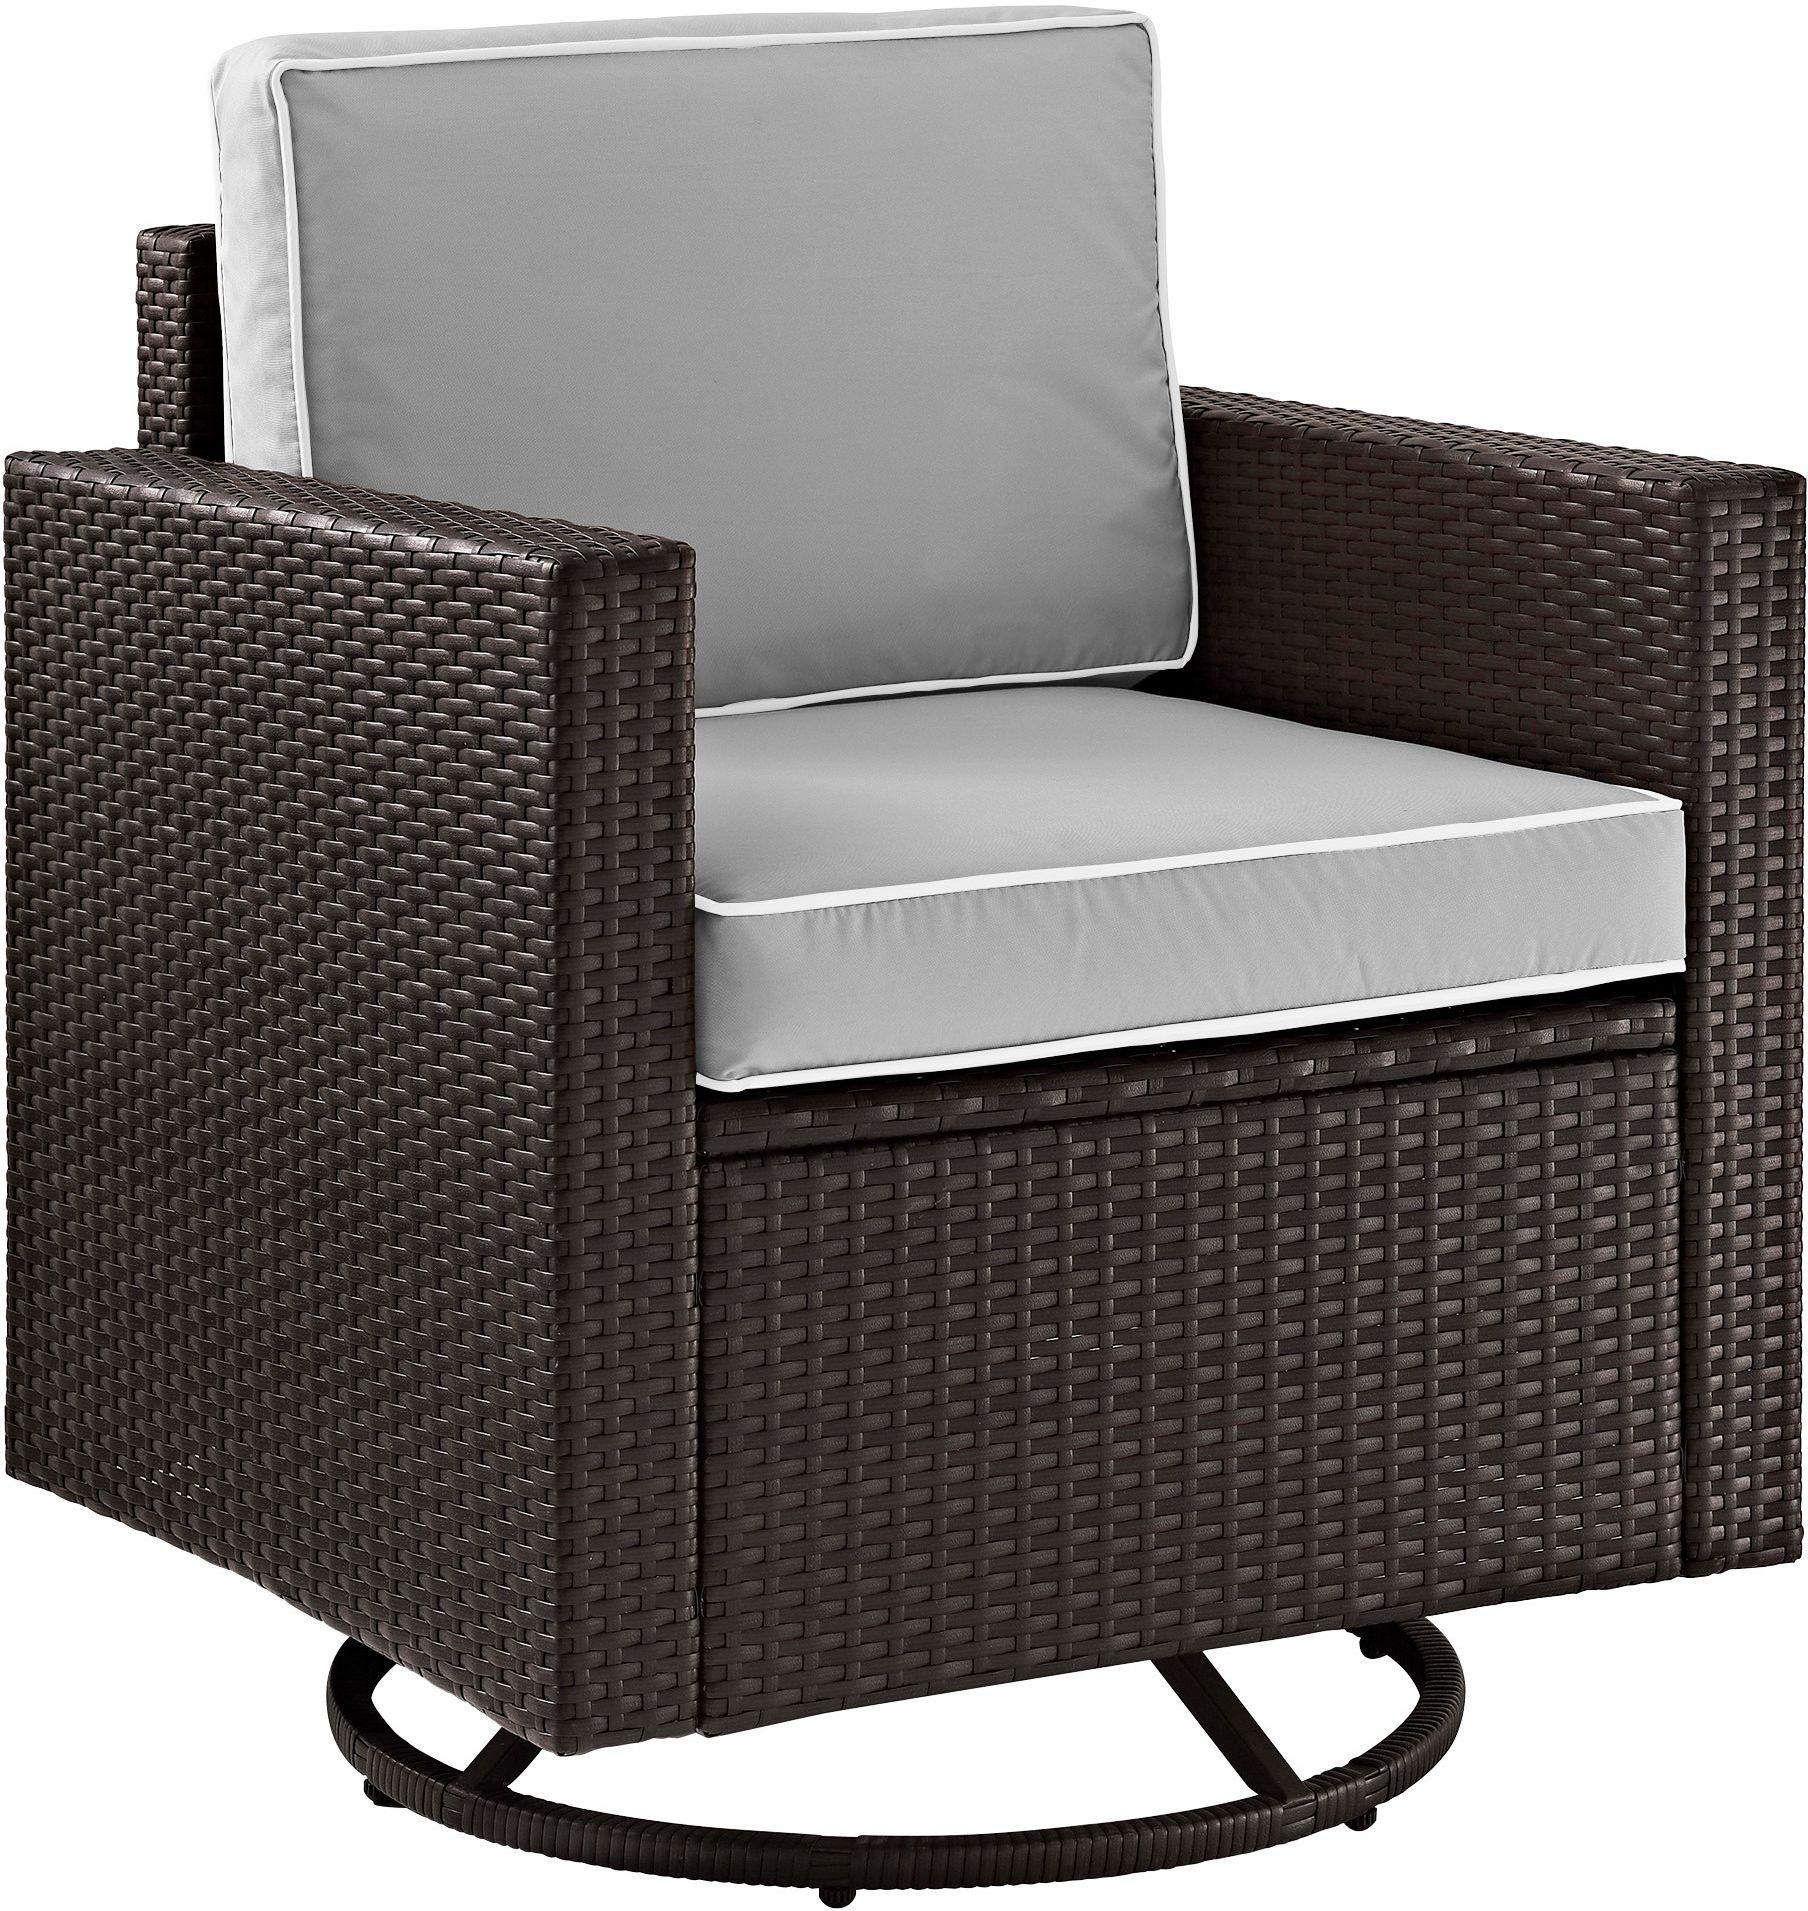 Outdoor Furniture - Aldo Outdoor Swivel Chair